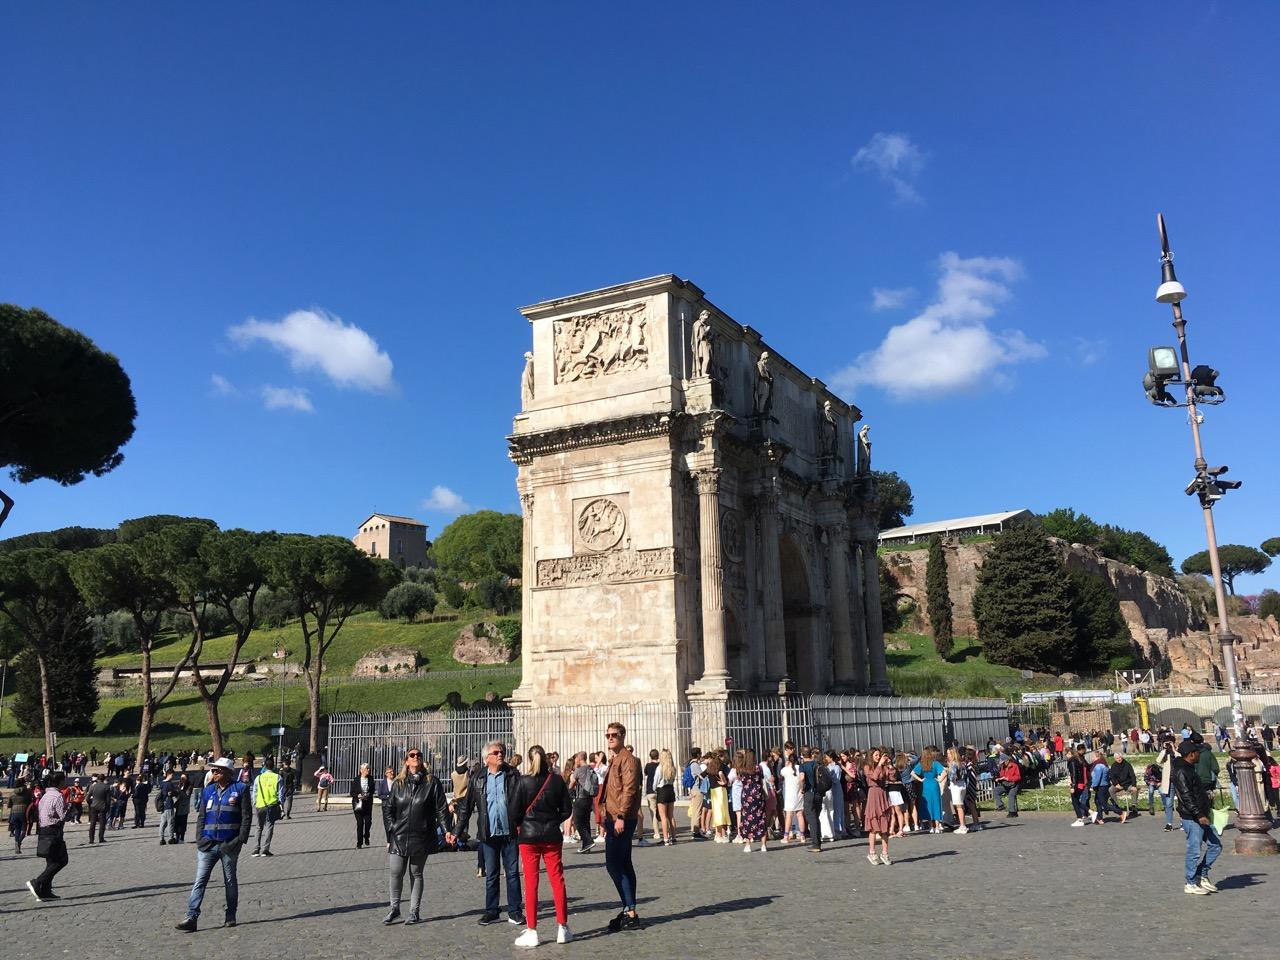 斗兽场边上便是君士但丁凯旋门(Arco di Costantino),顾名思义,是为了纪念君士但丁一世312年米里维桥战役的胜利而修建